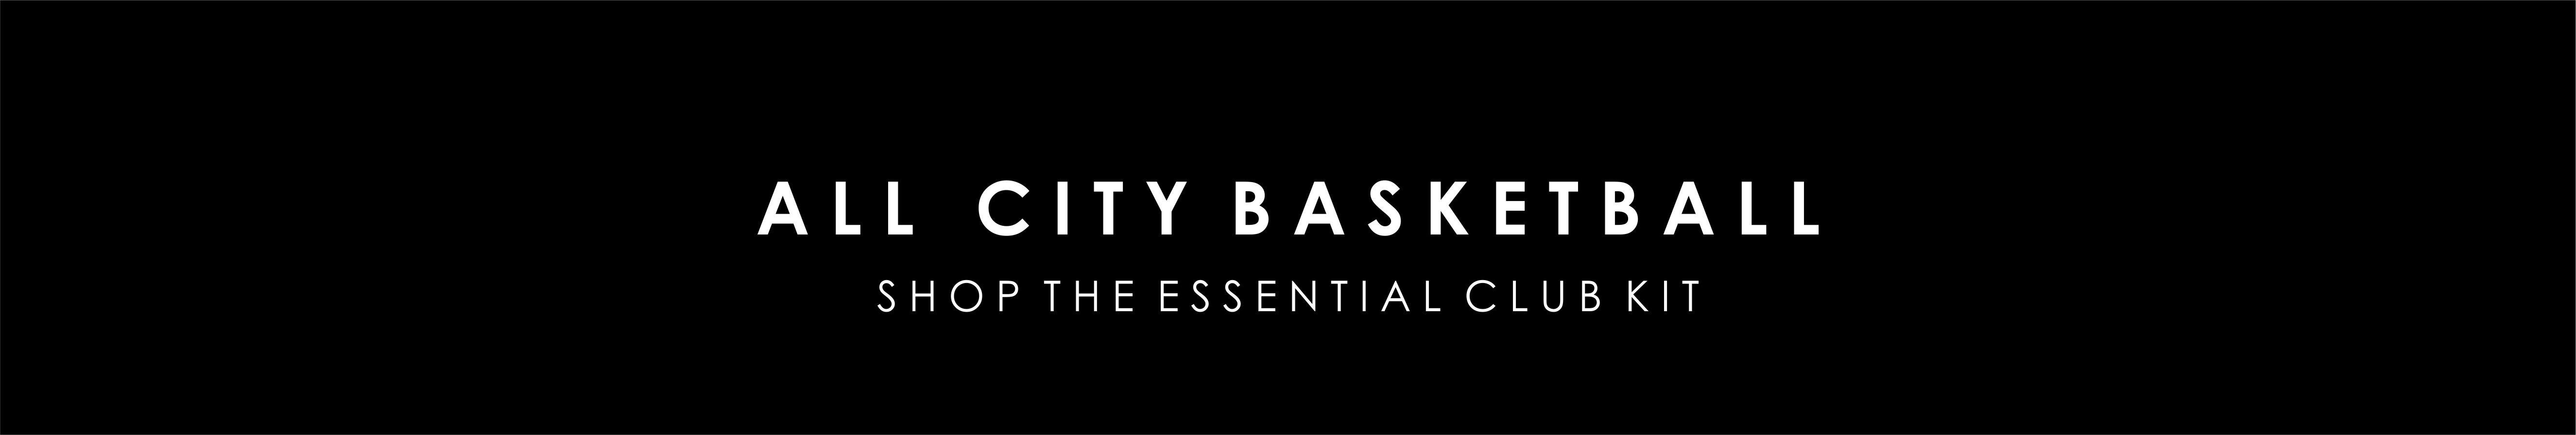 all-city-basketball-banner.jpg